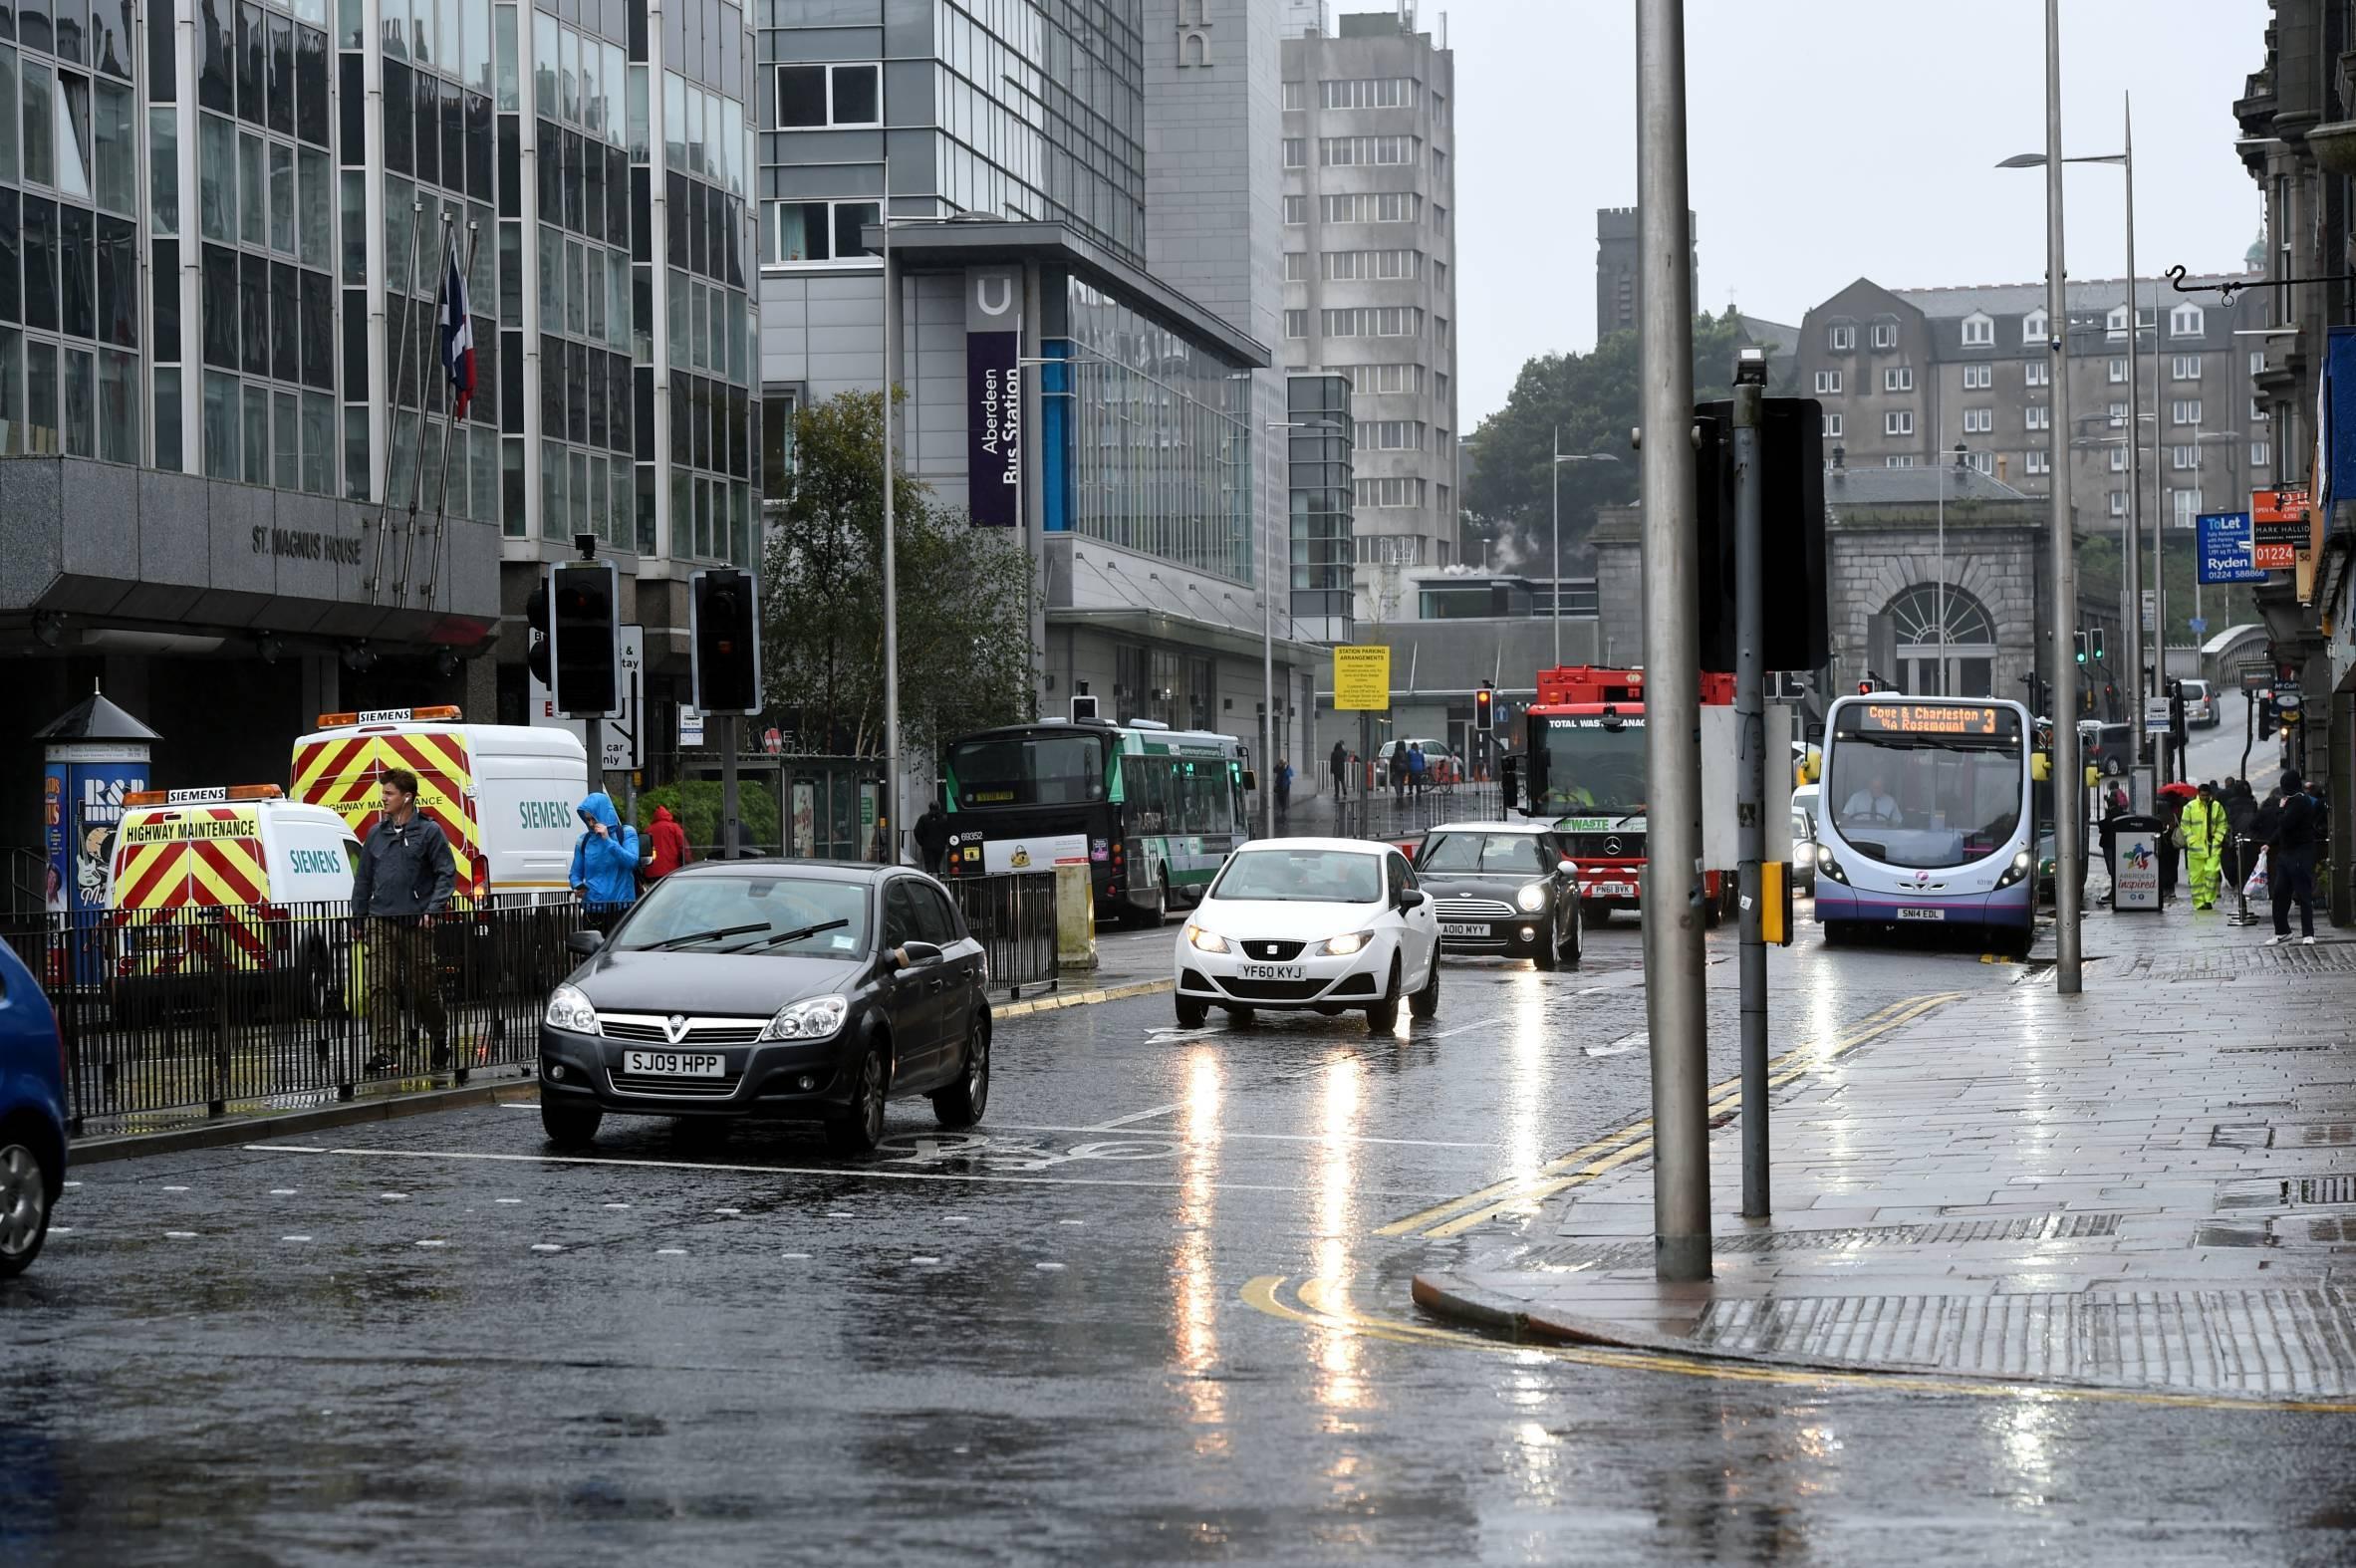 Traffic lights are broken at  the Market Street/Guild Street junction.